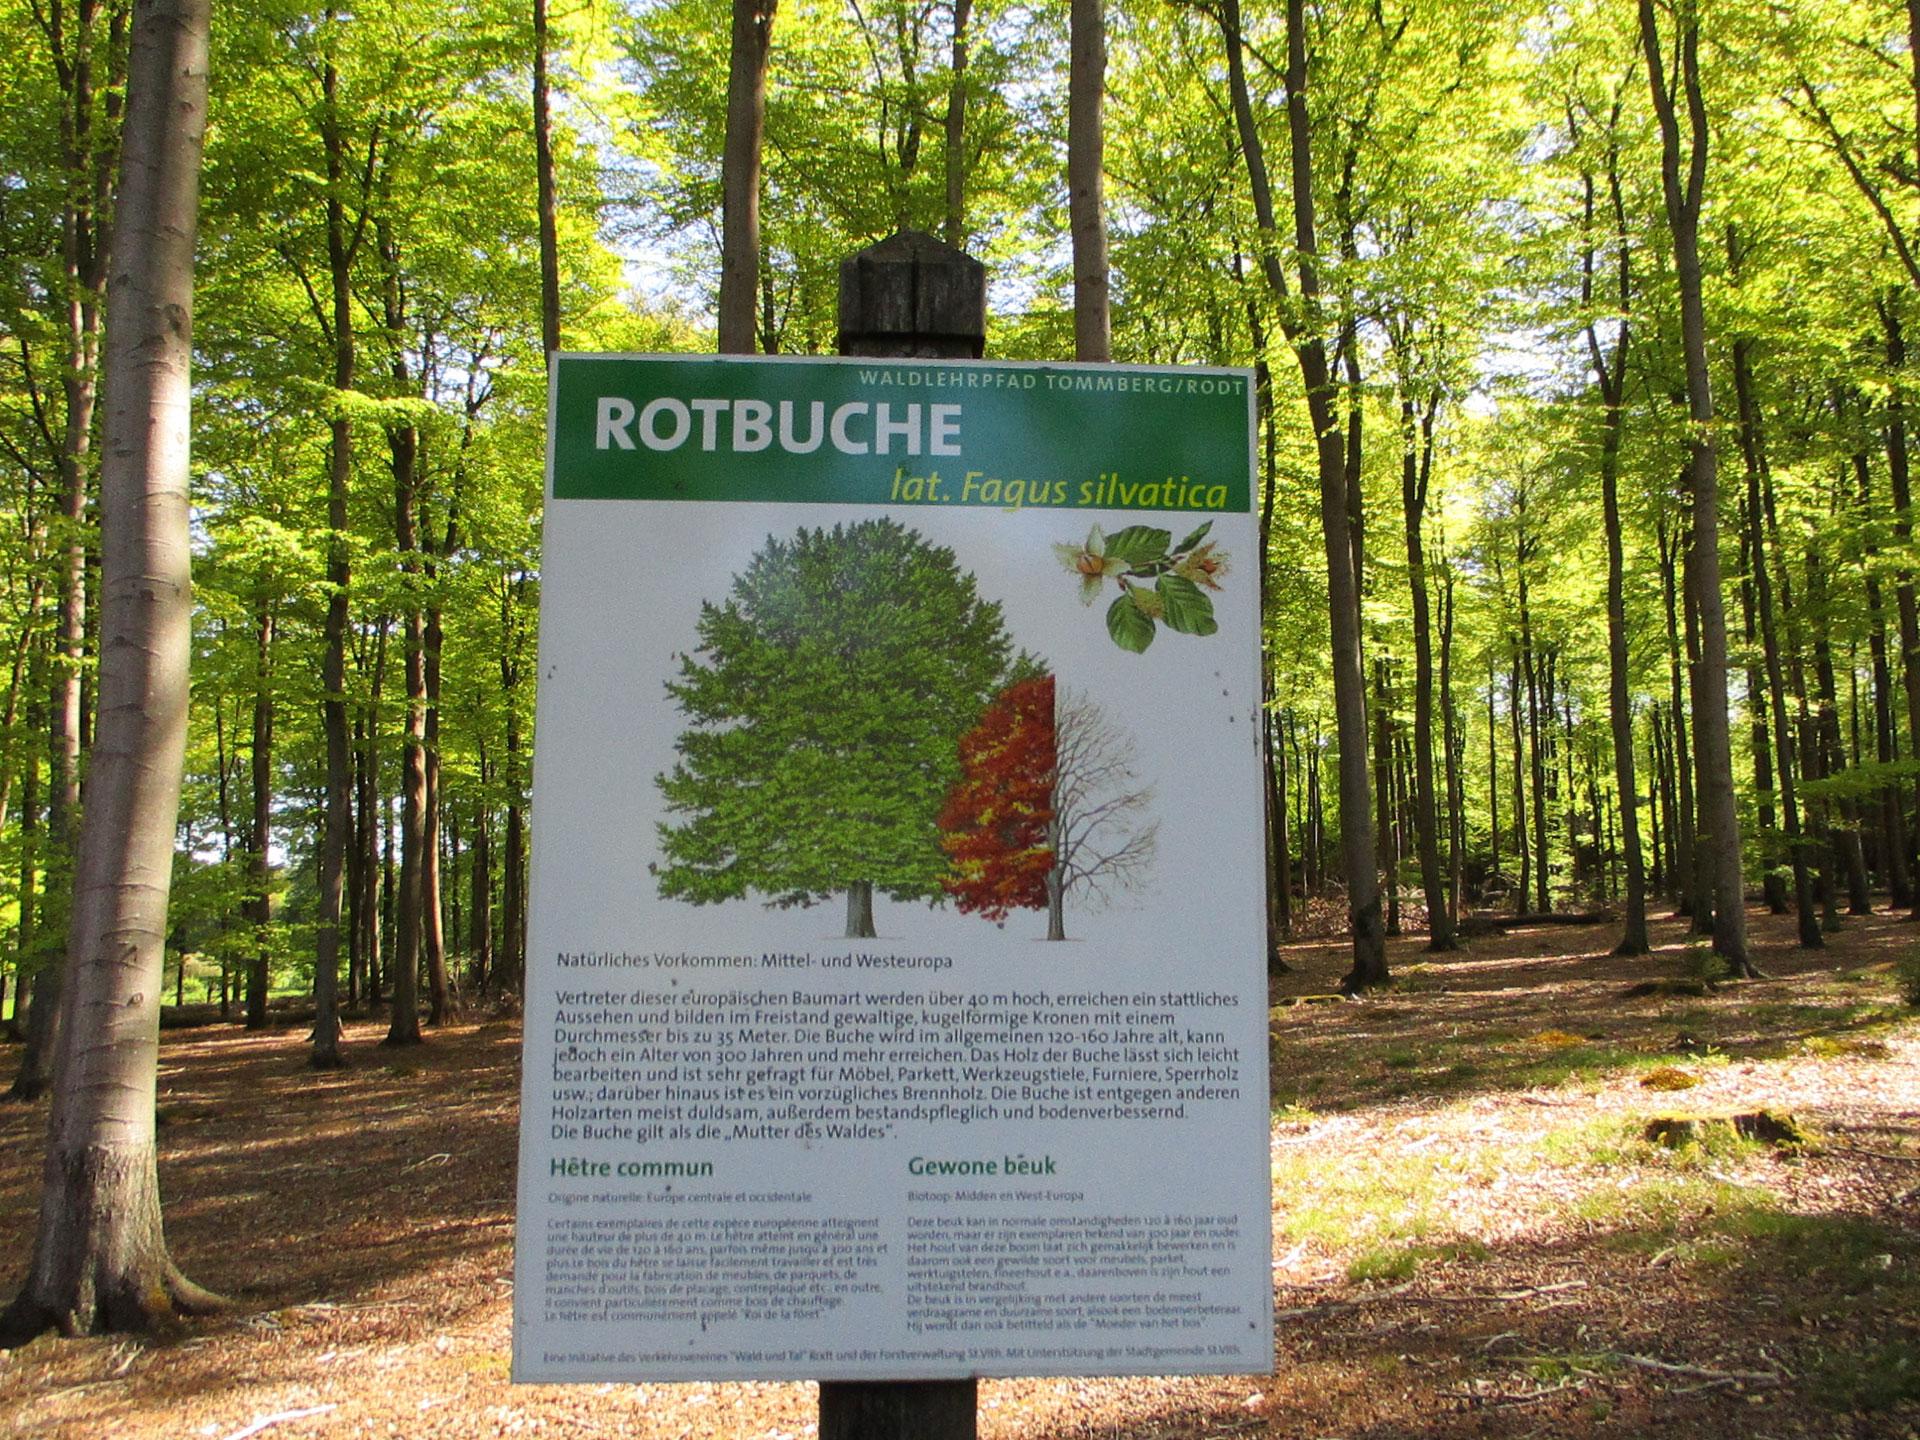 Arboretum de Sankt Vith - Hêtre commun - arbres - arbustes - sentier didactique - Saint-Vith